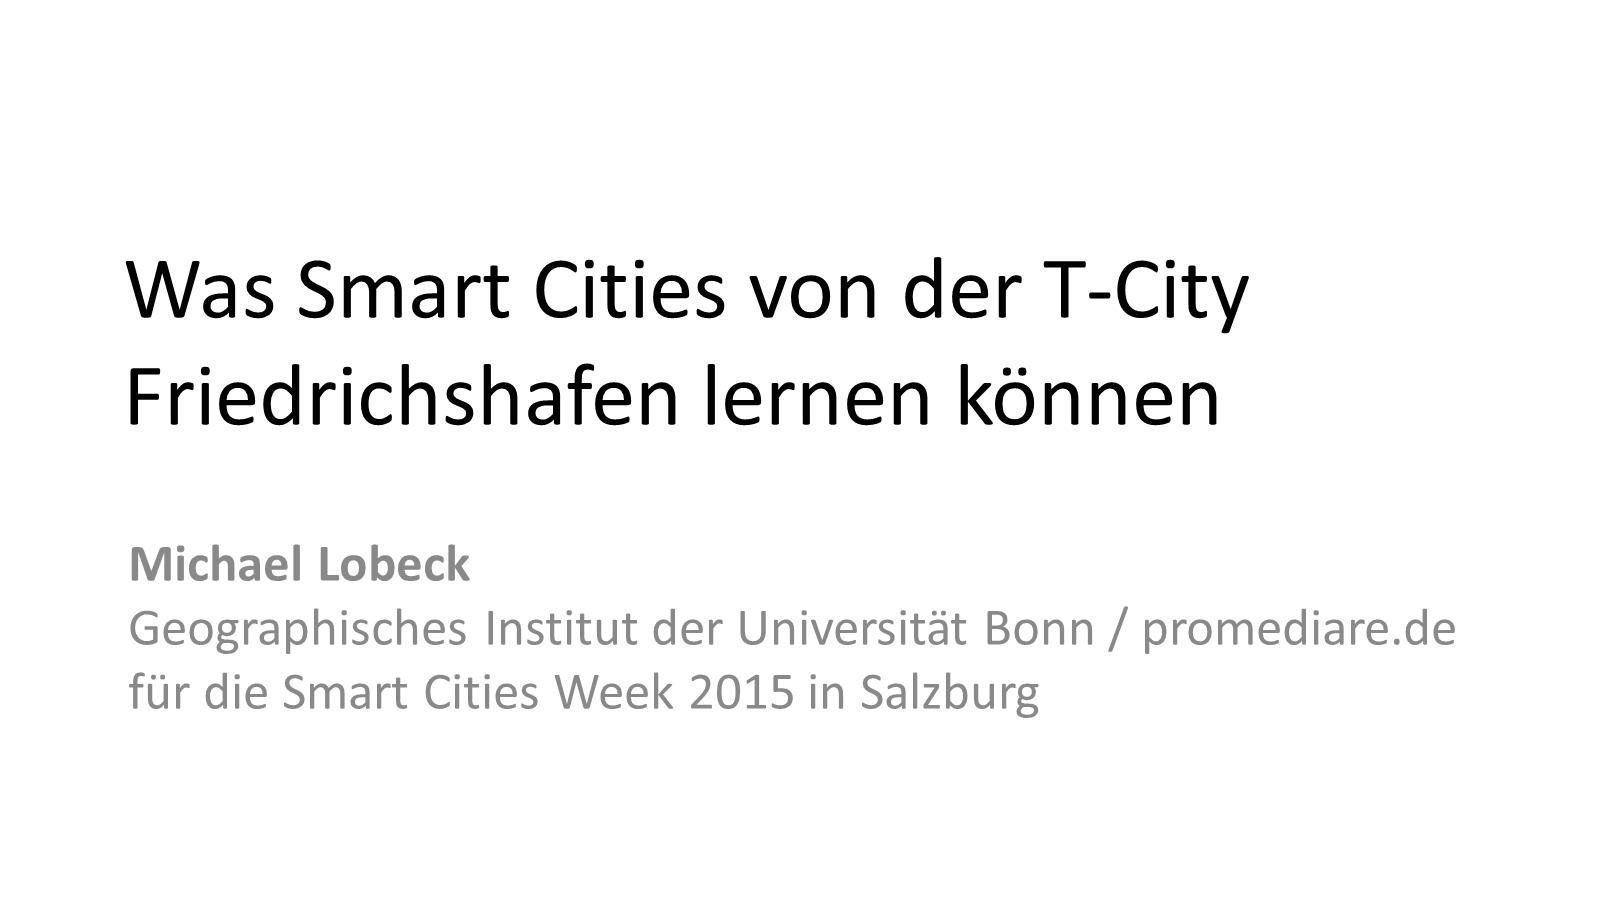 """Titelbild der Folien zum Vortrag """"Was Smart Cities von der T-City Friedrichshafen lernen können"""" von Michael Lobeck anlässlich der Smart City Week am 3.4.2015 in Salzburg"""